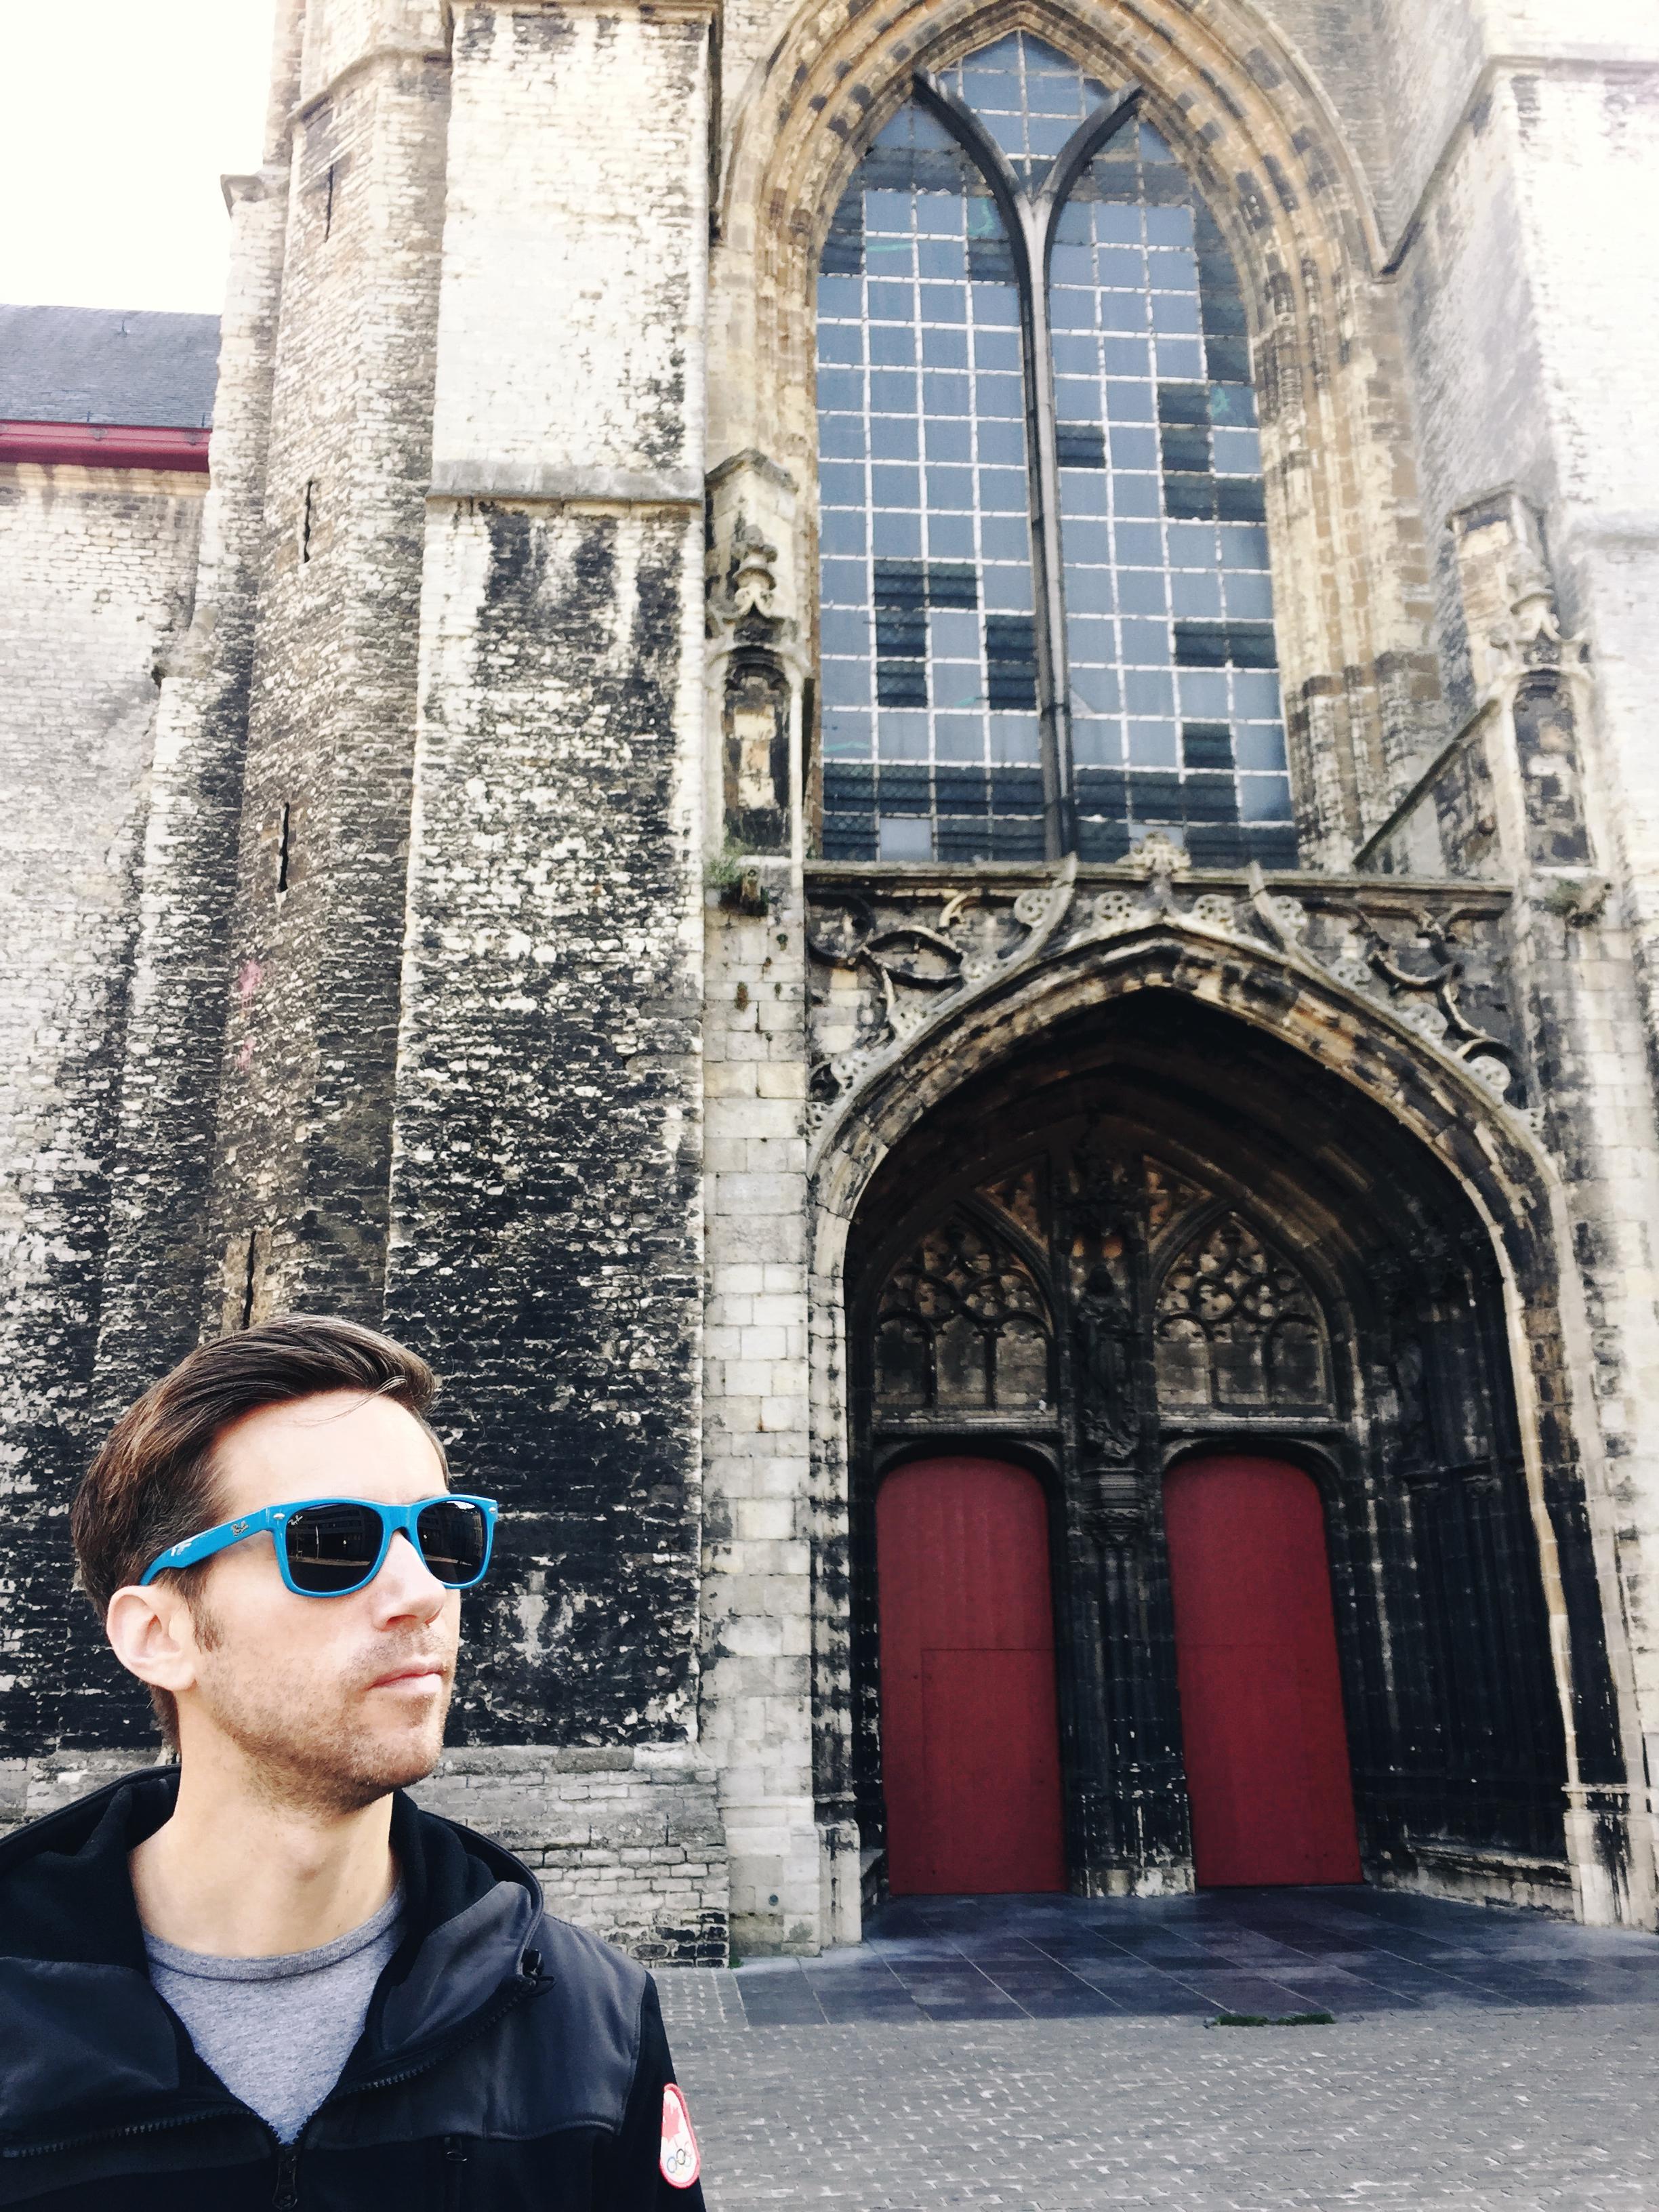 Handsome husband, handsome cathedral